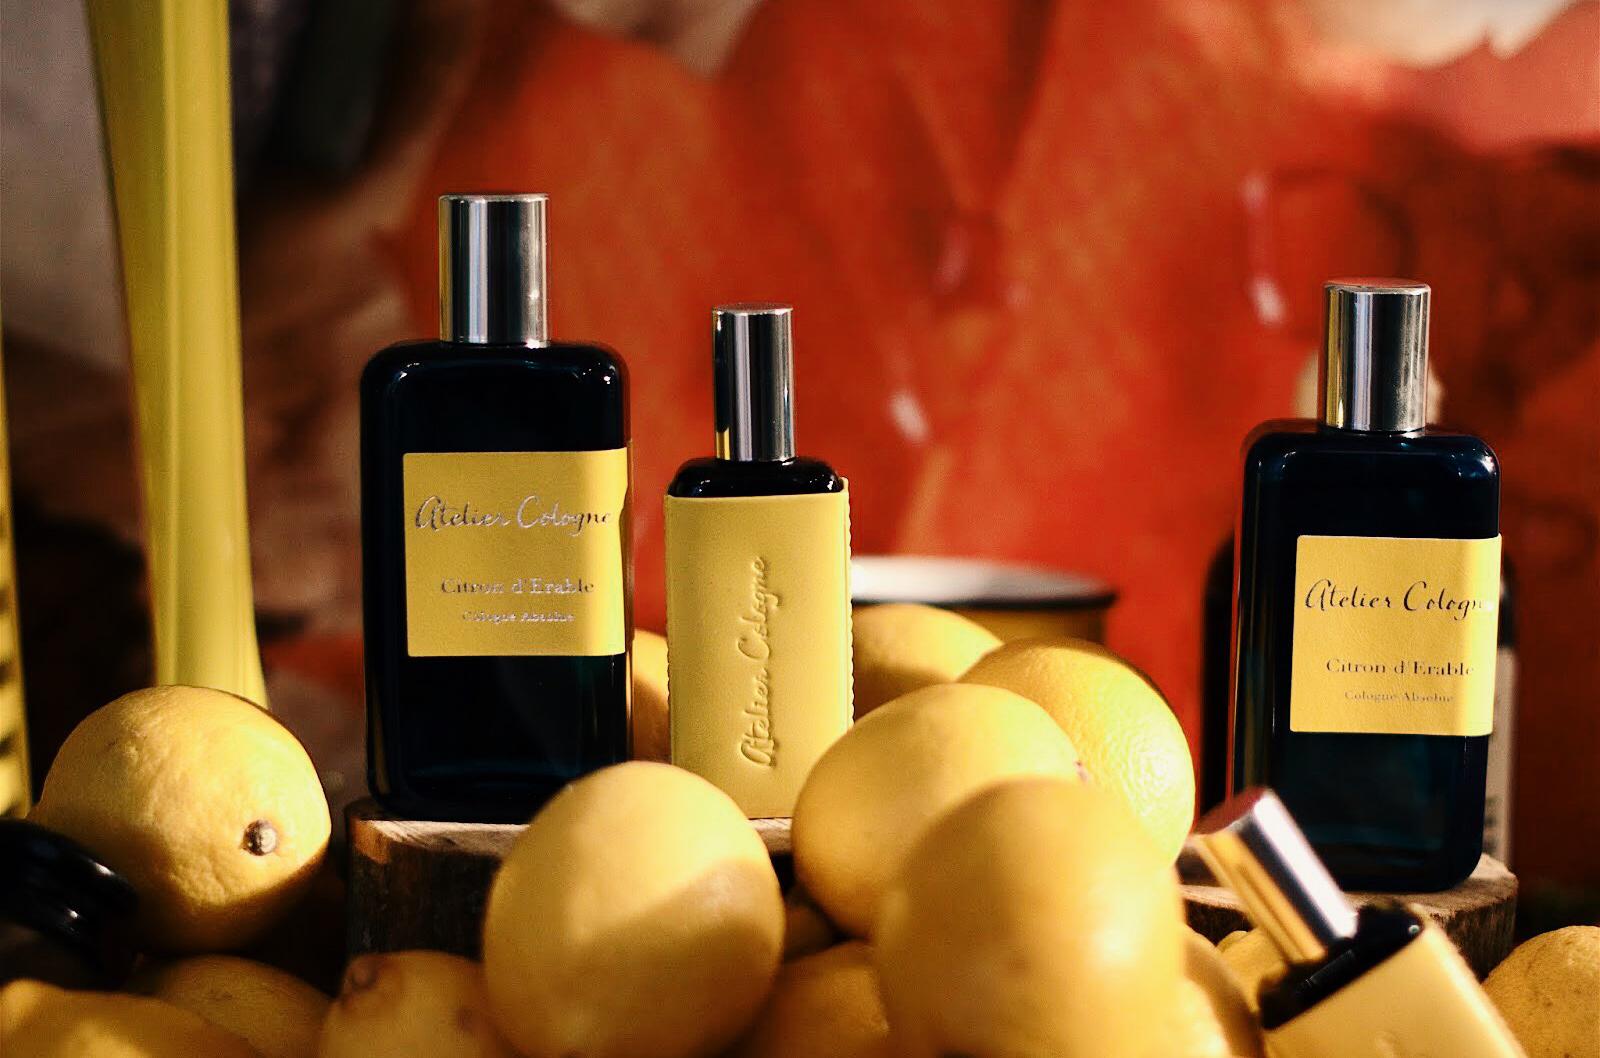 atelier cologne citron d'erable parfum